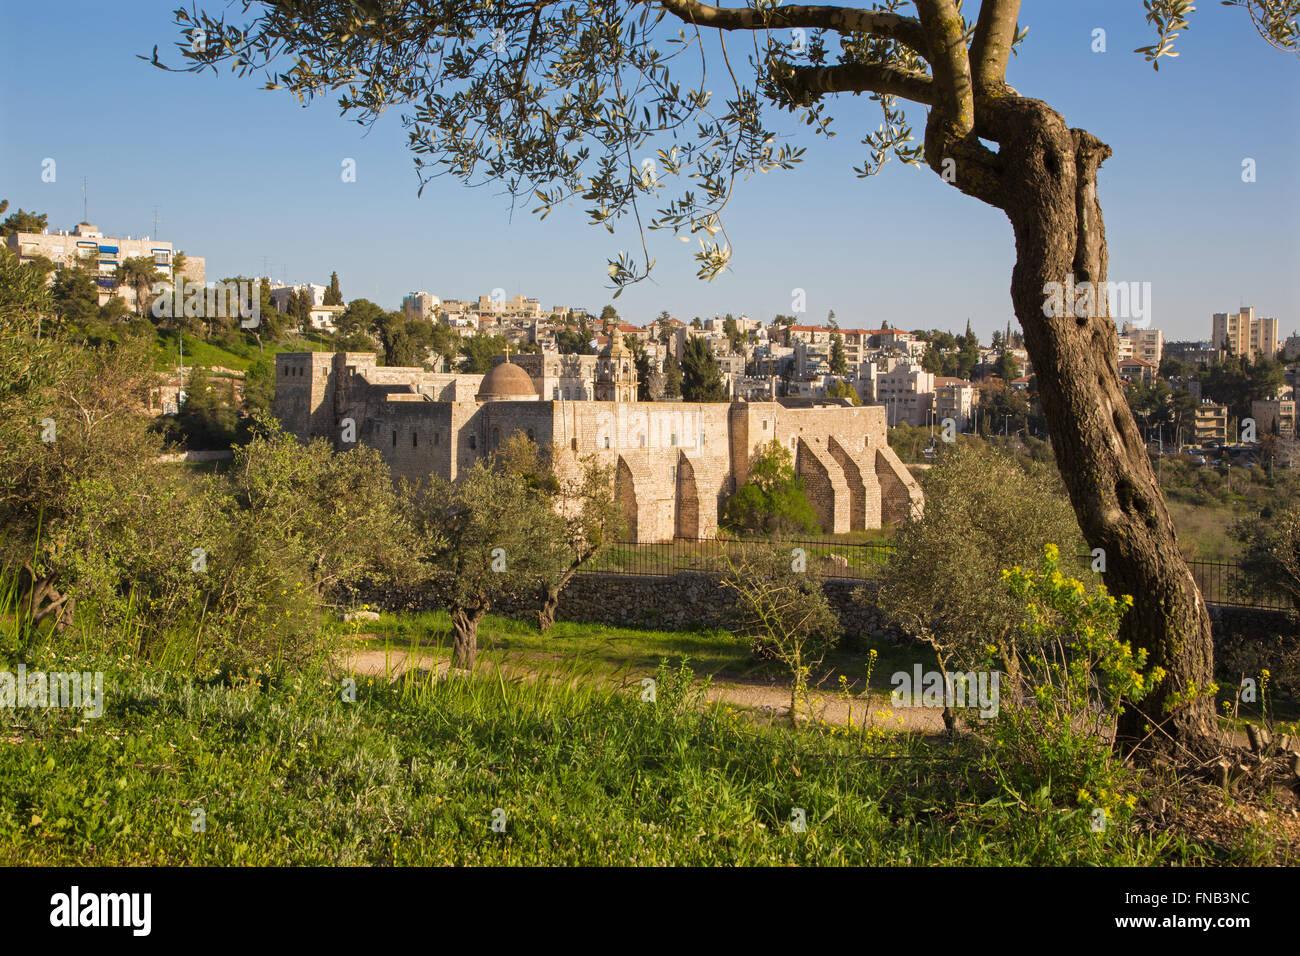 Israel - Jerusalén - el Monasterio de la cruz desde el siglo 11. Imagen De Stock